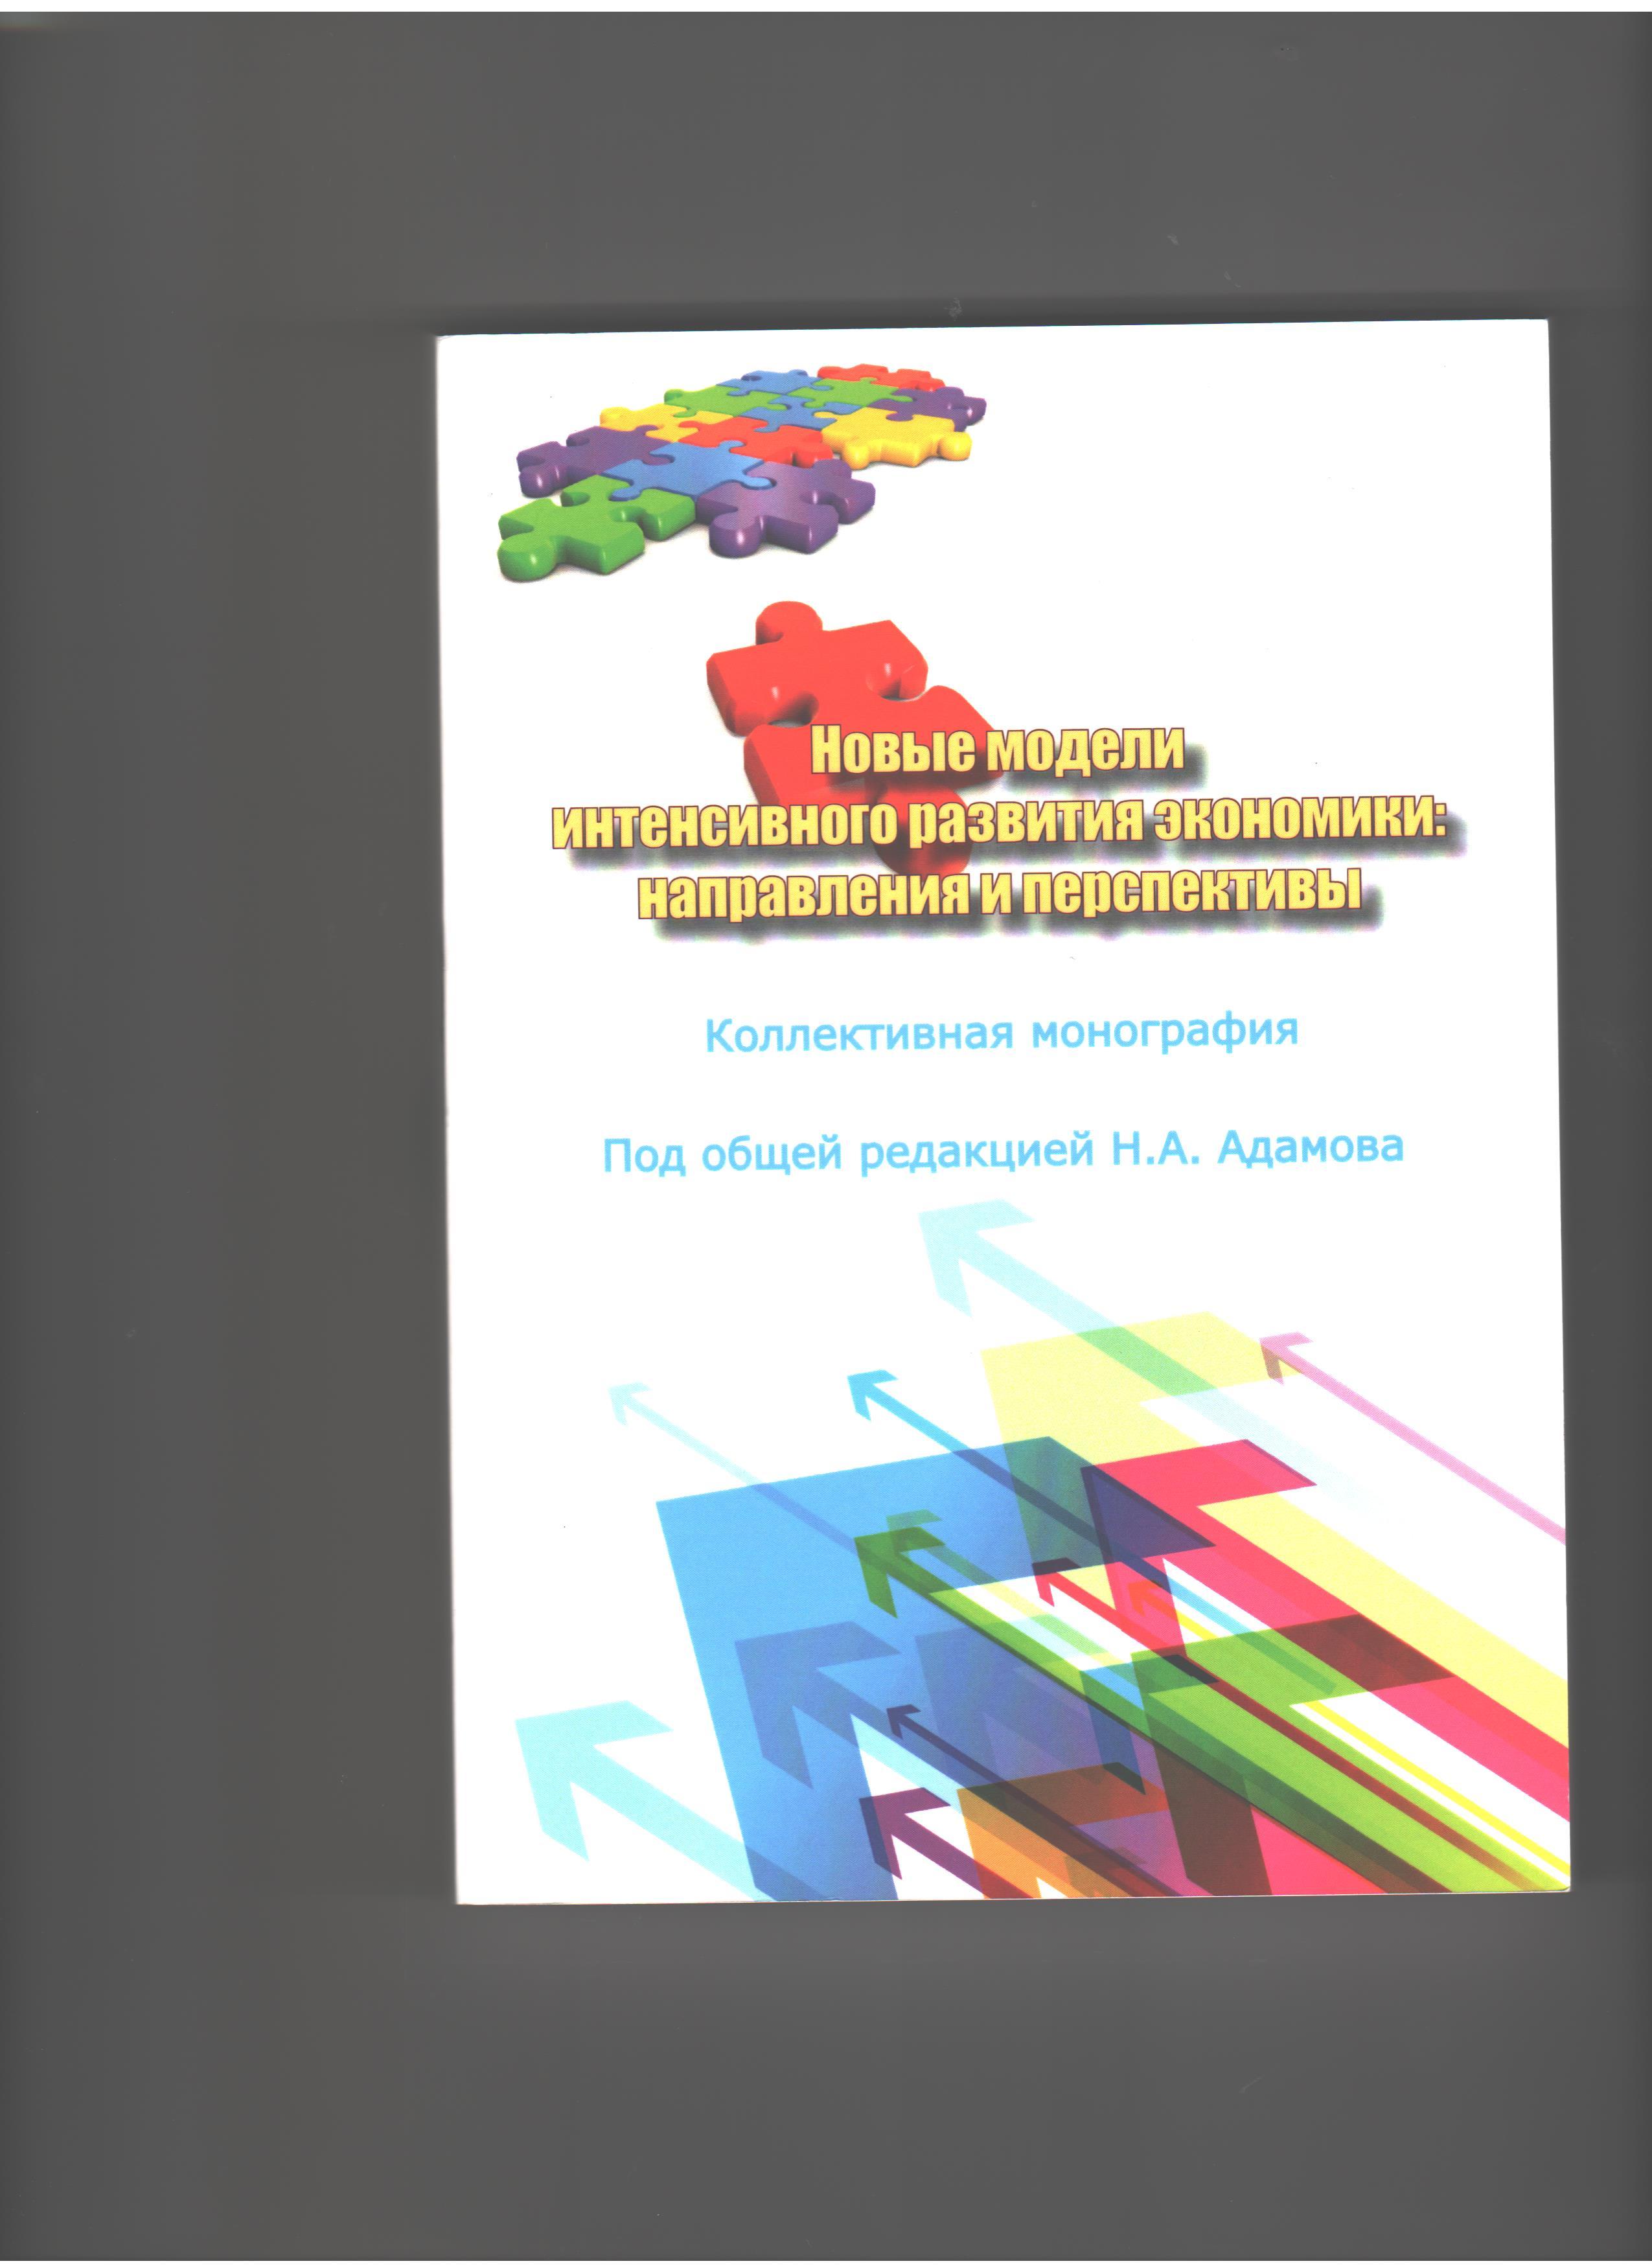 Новые модели интенсивного развития экономики: направления и перспективы